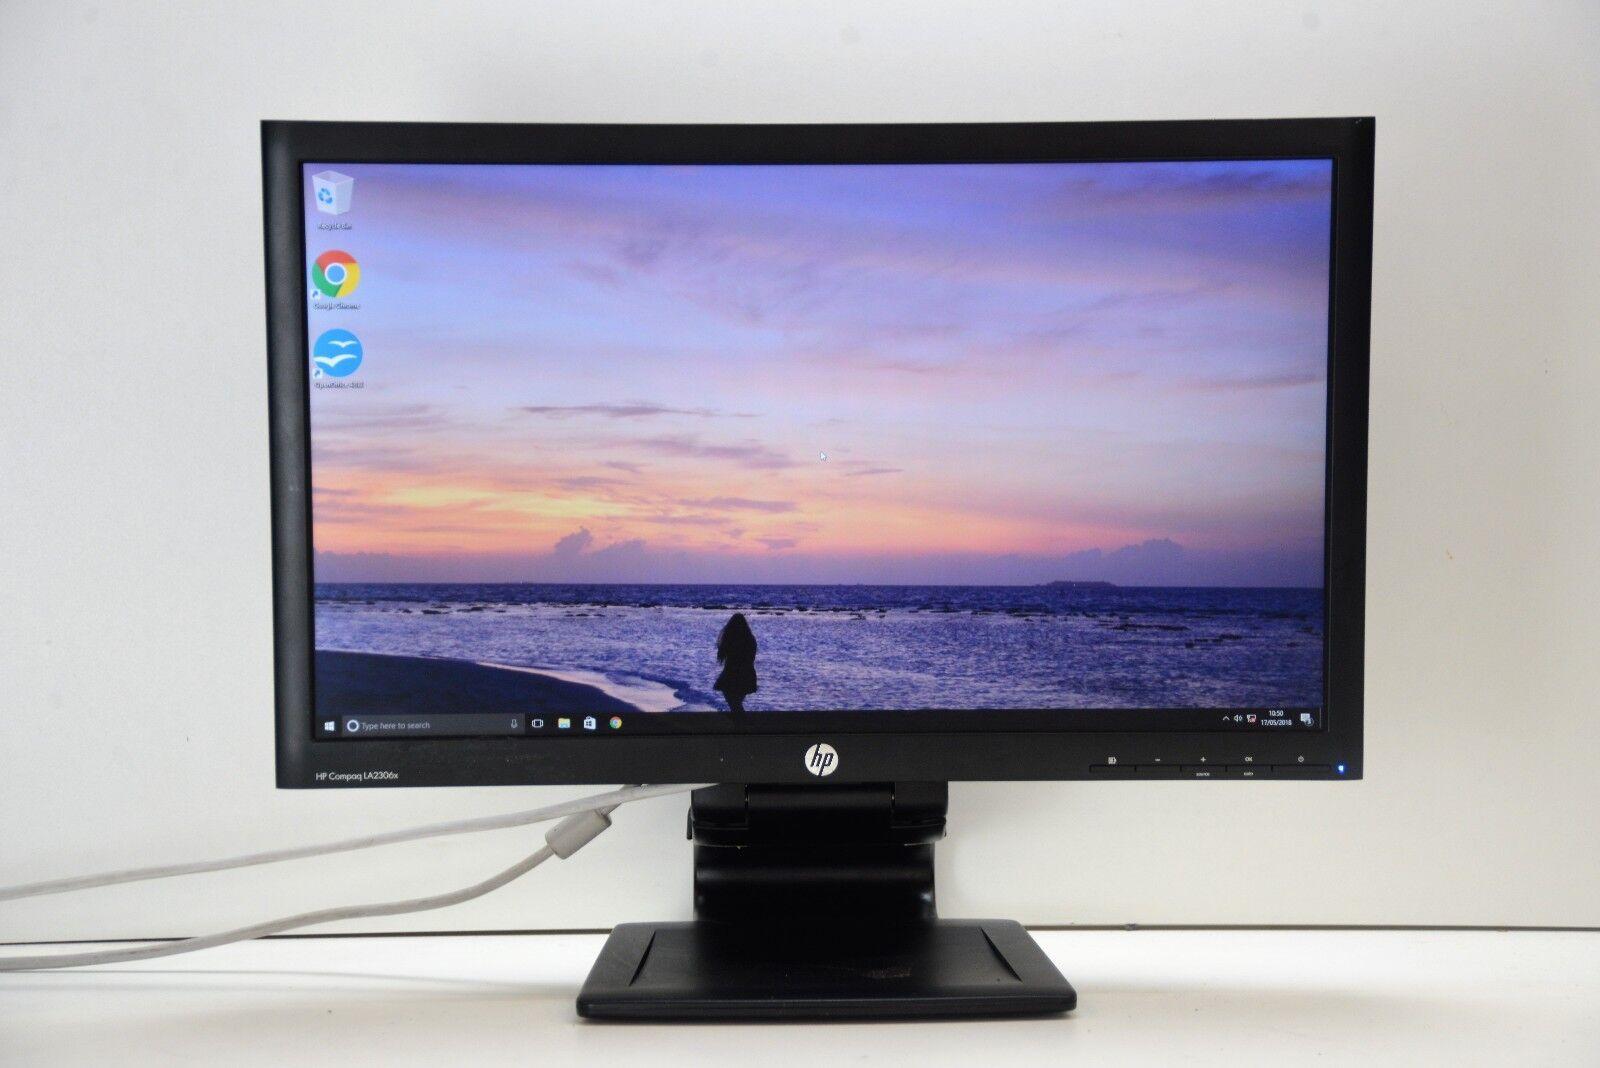 HP COMPAQ LA2306X USB HUB WINDOWS 10 DRIVERS DOWNLOAD